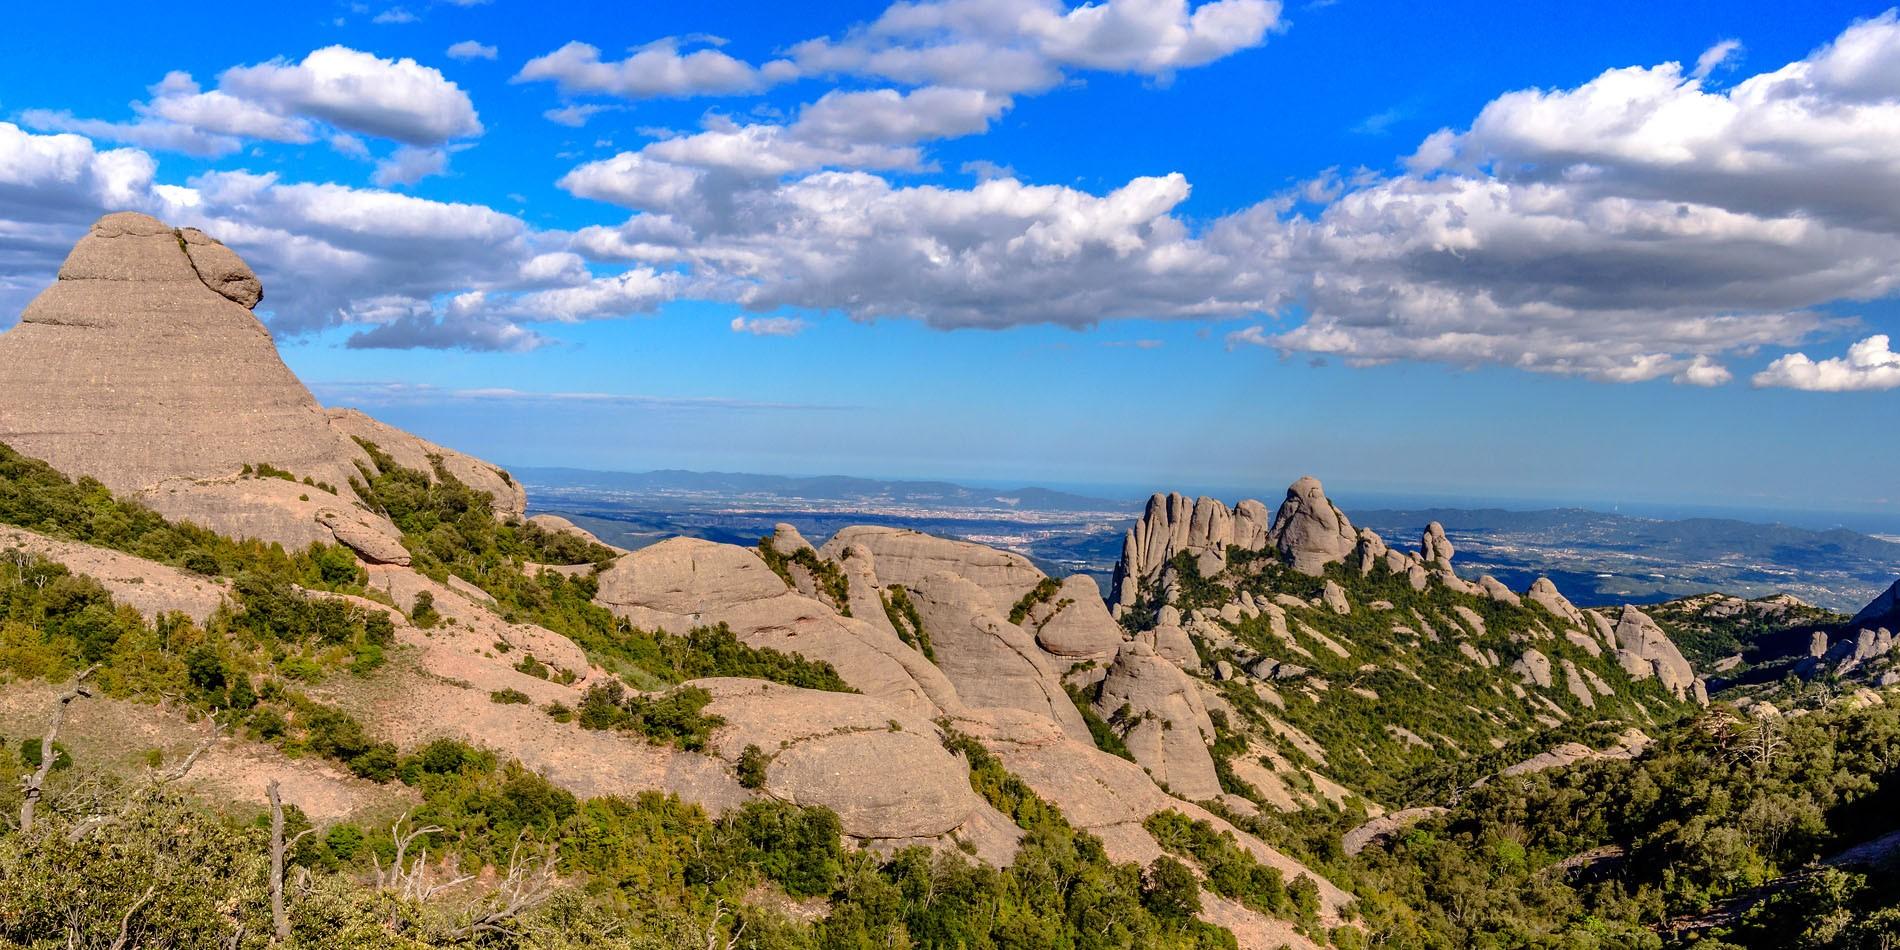 parc naturel montserrat barcelone espagne